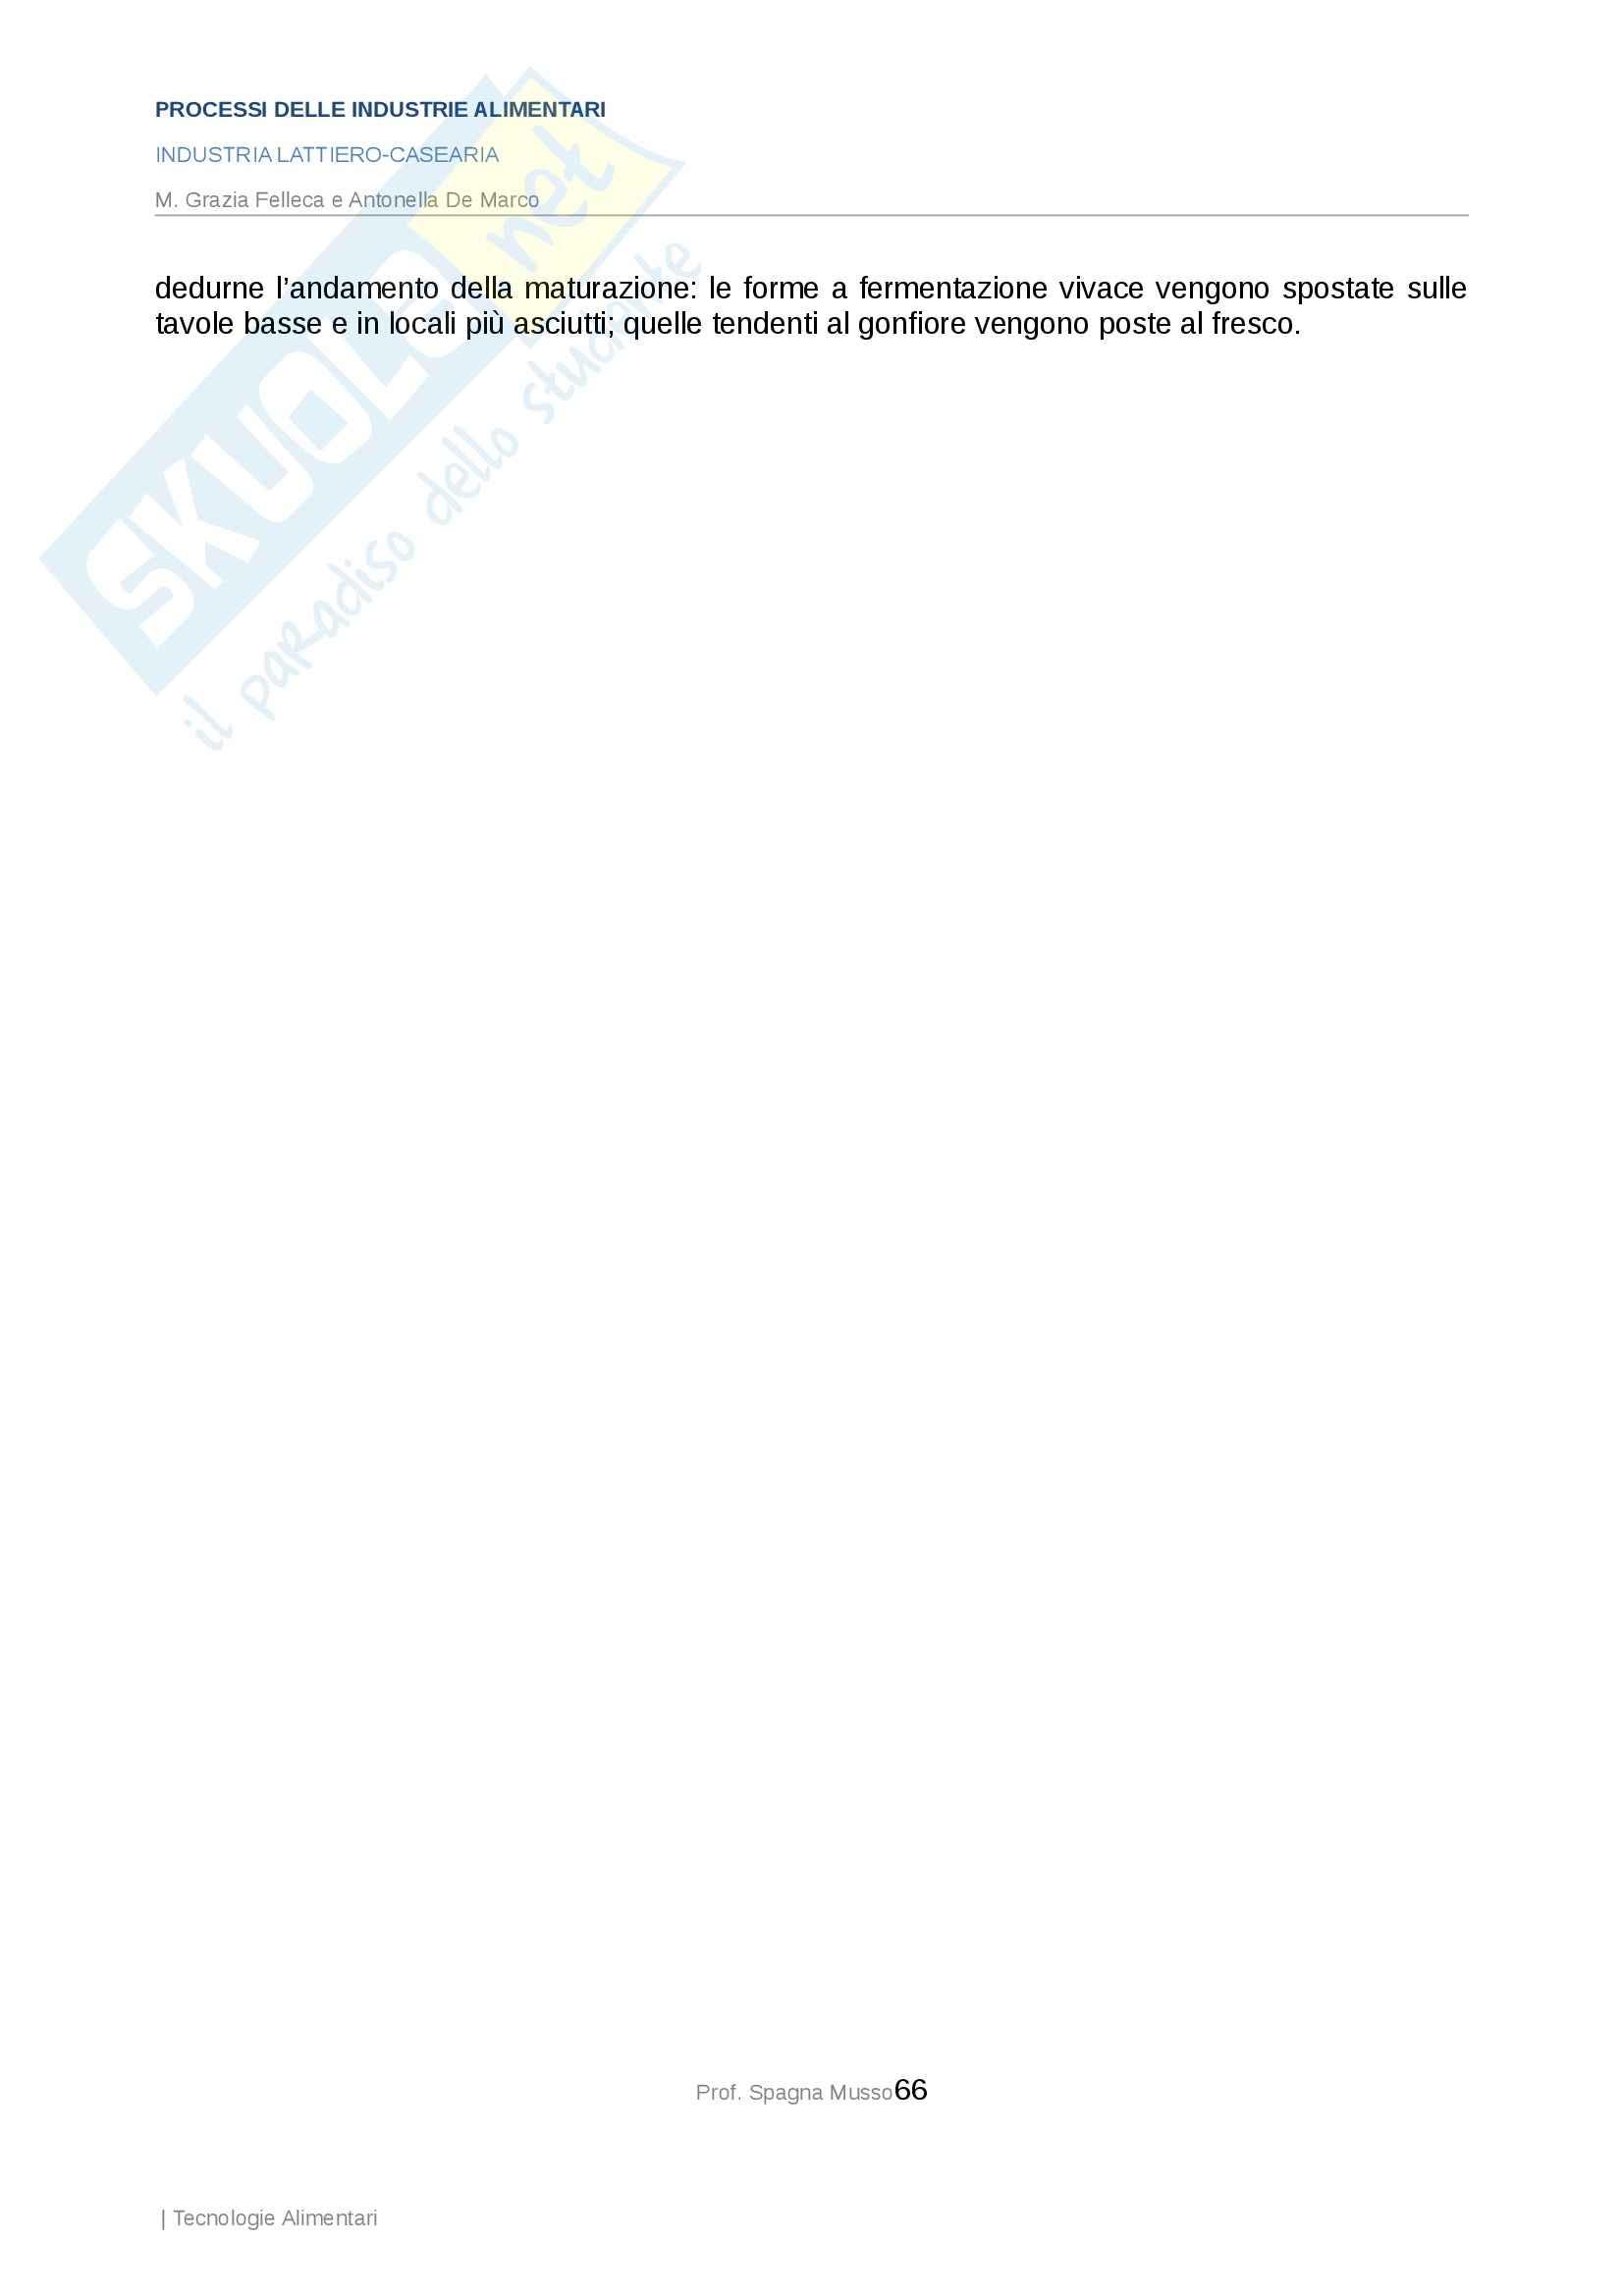 Processi delle industrie alimentari - industria lattiero casearia Pag. 66